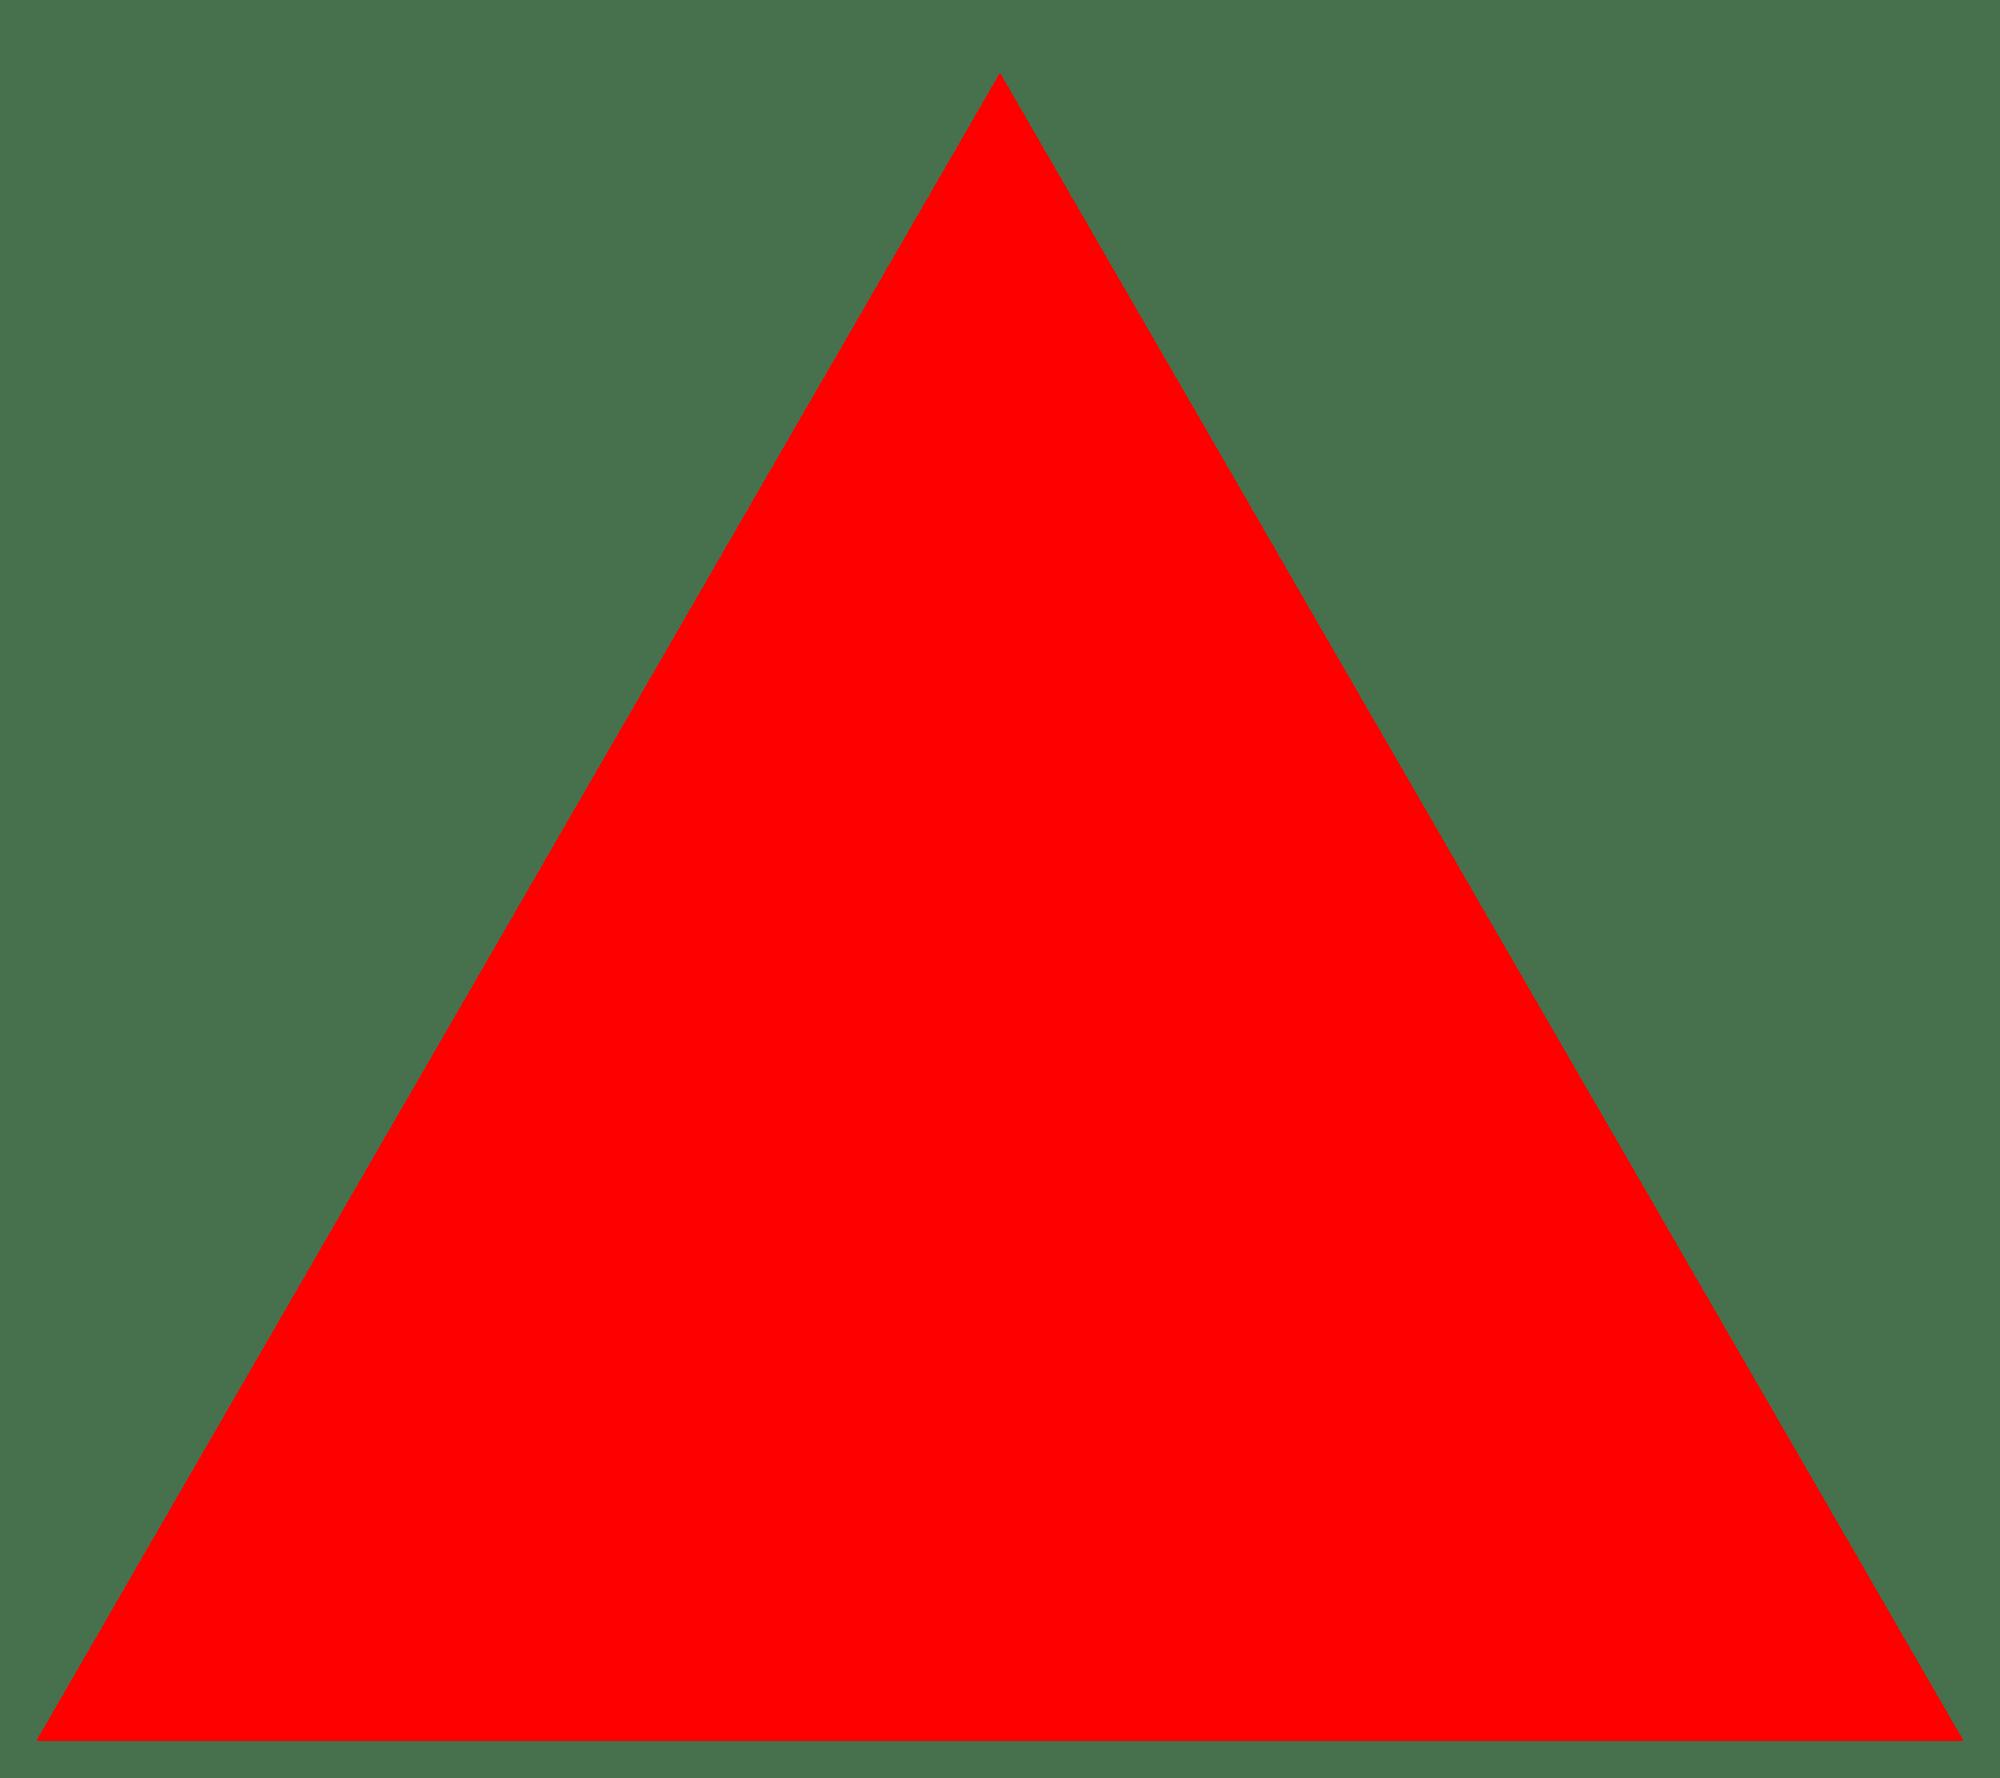 Risultati immagini per triangolo png